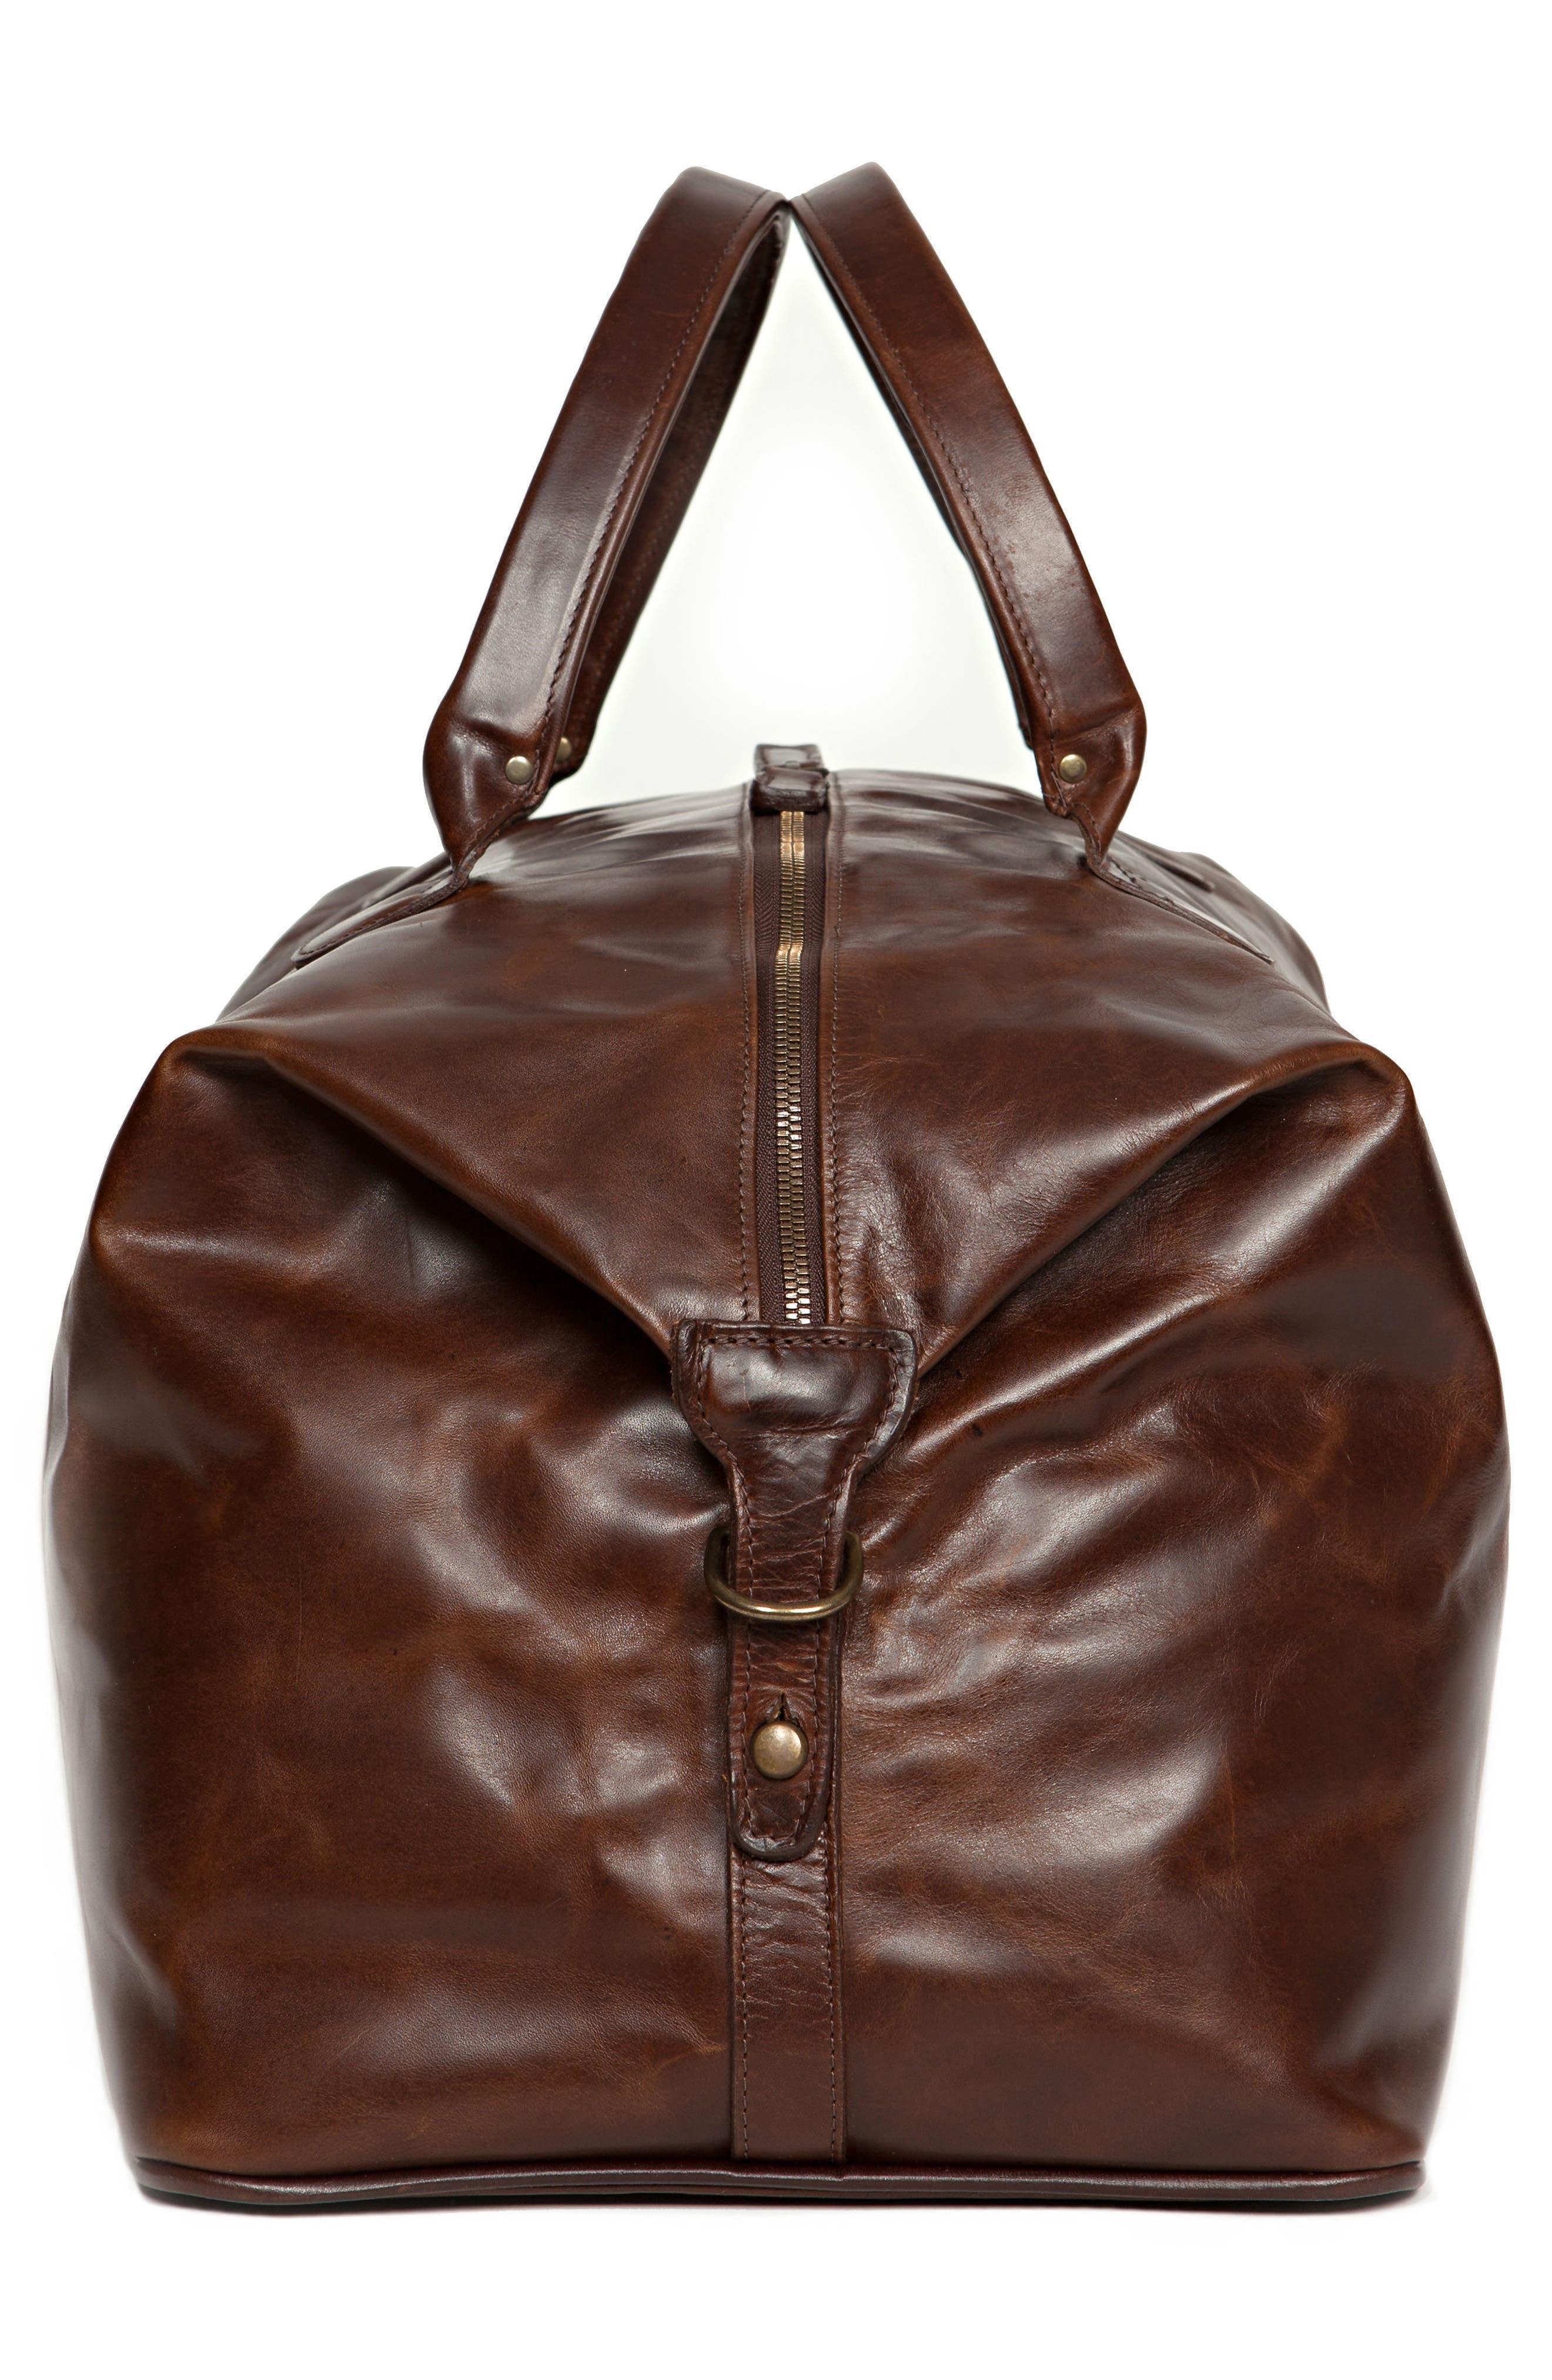 Benedict Leather Duffel Bag,                             Alternate thumbnail 3, color,                             BROMPTON BROWN